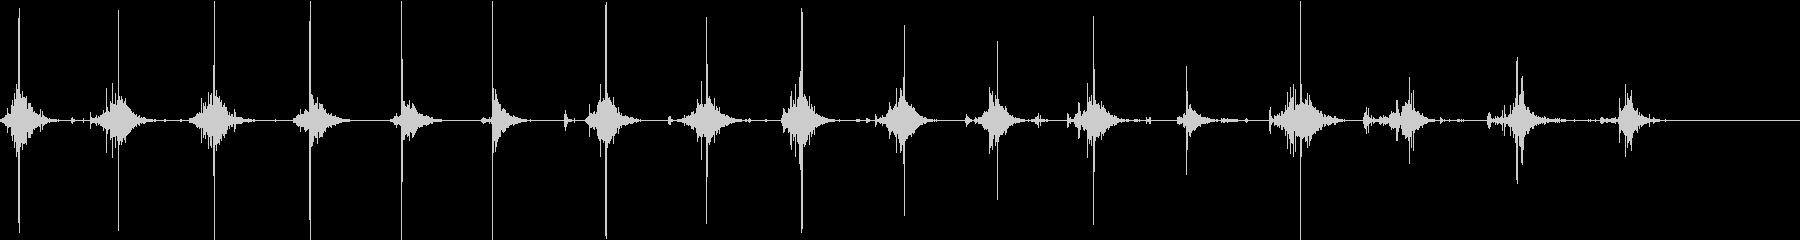 【生録音】野菜を包丁で切る音28キャベツの未再生の波形